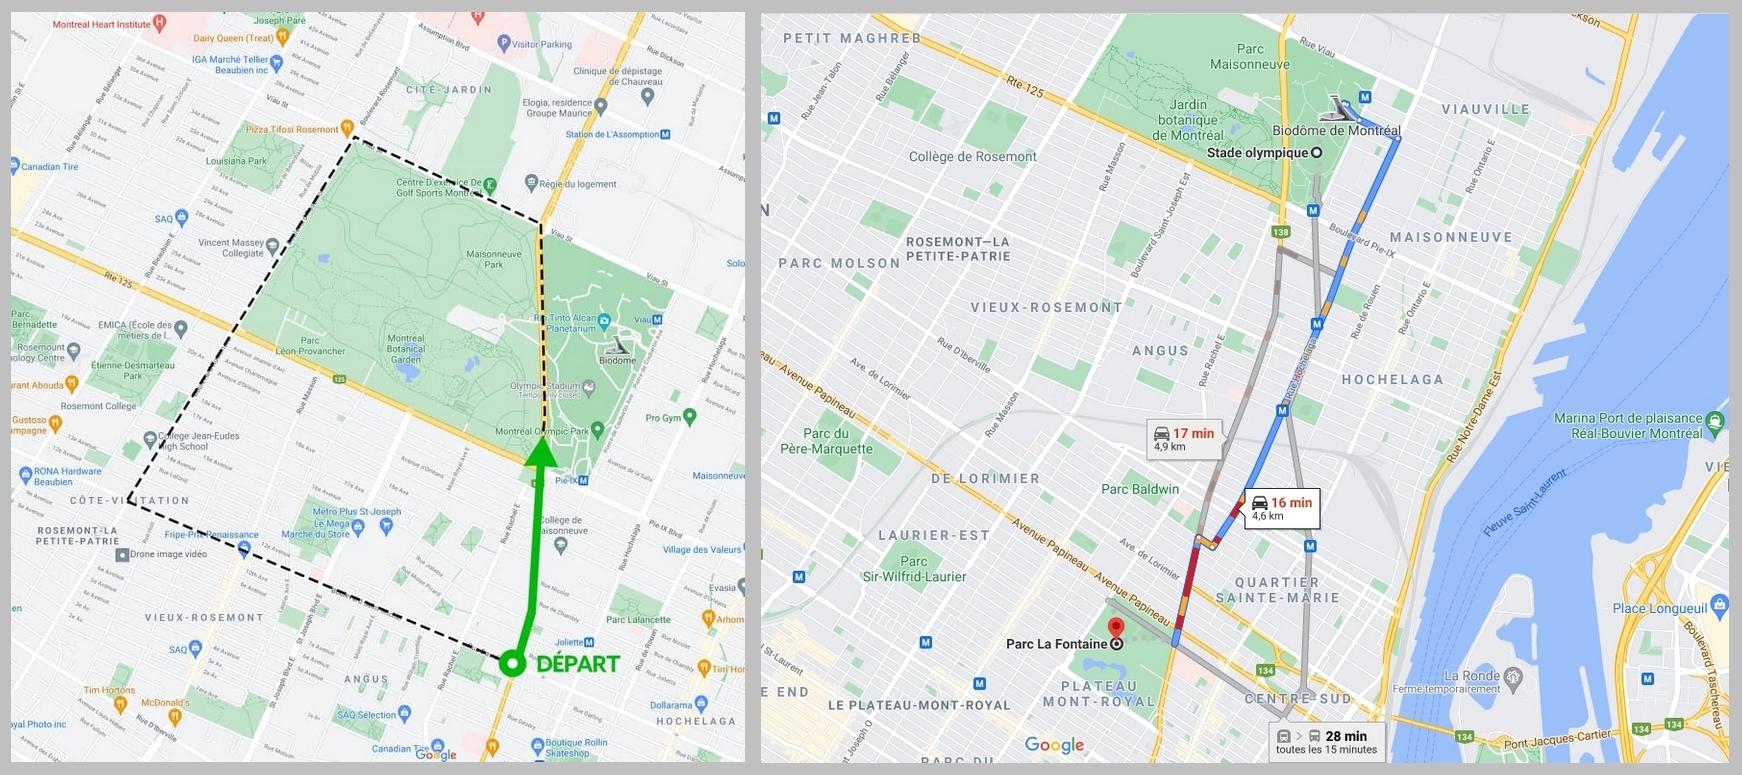 Manifestations du 1er mai 2021 - Parcours